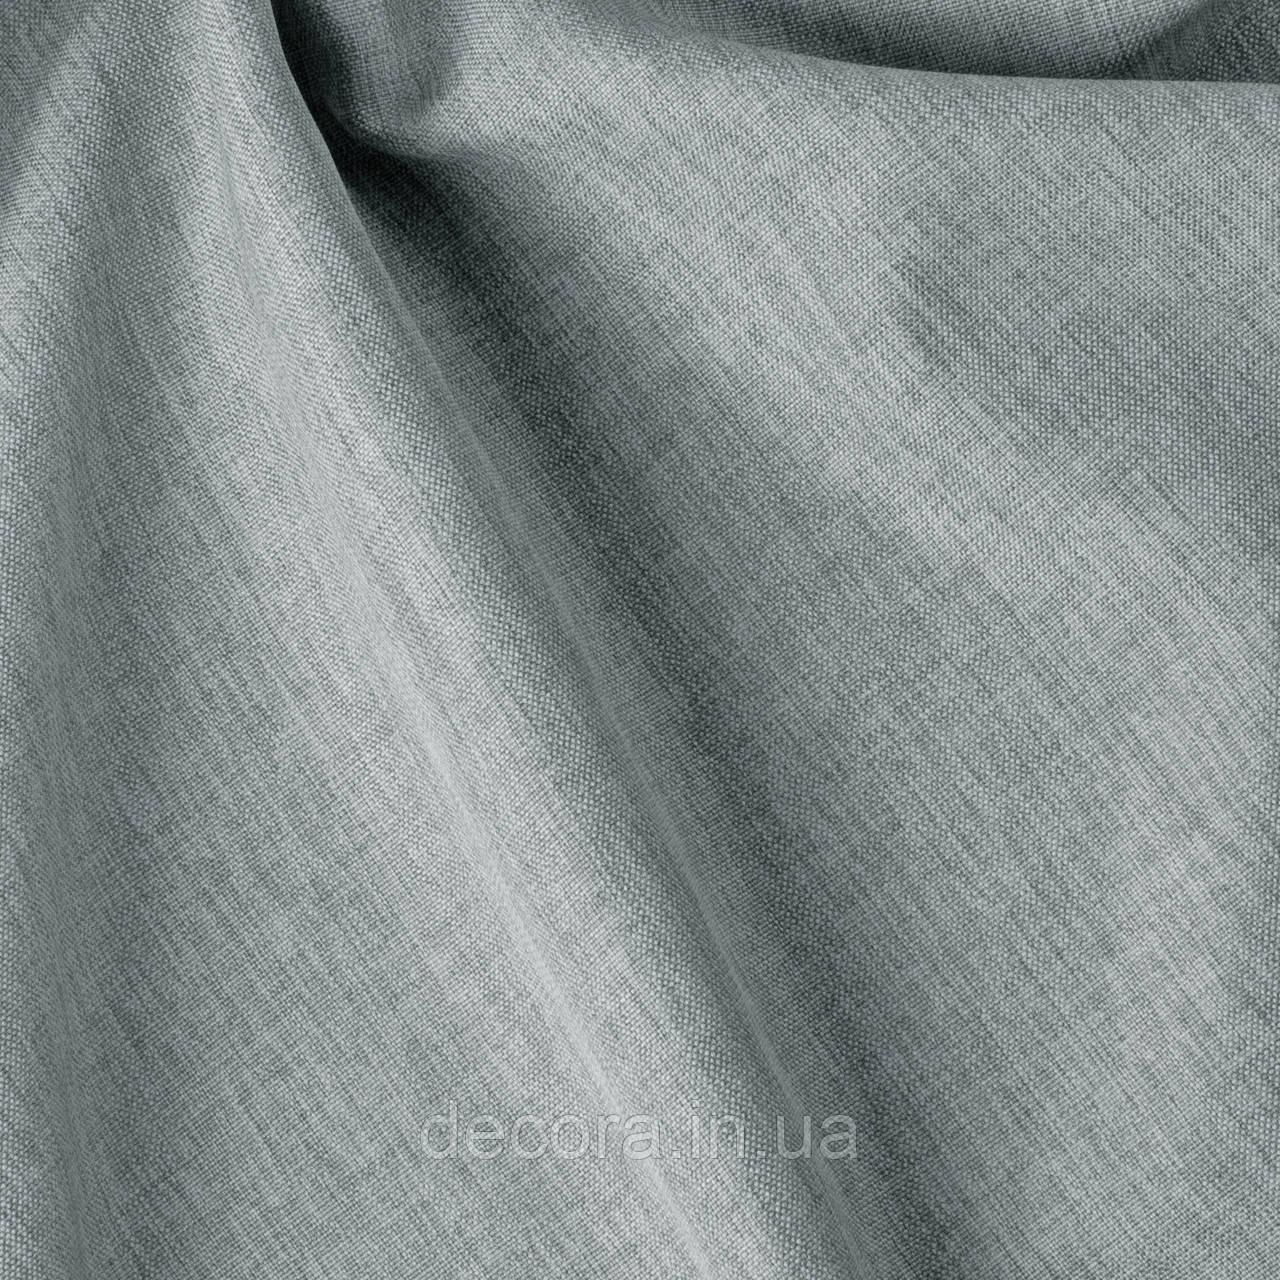 Римська штора із однотонної тканини рогожка сіра 122000v22